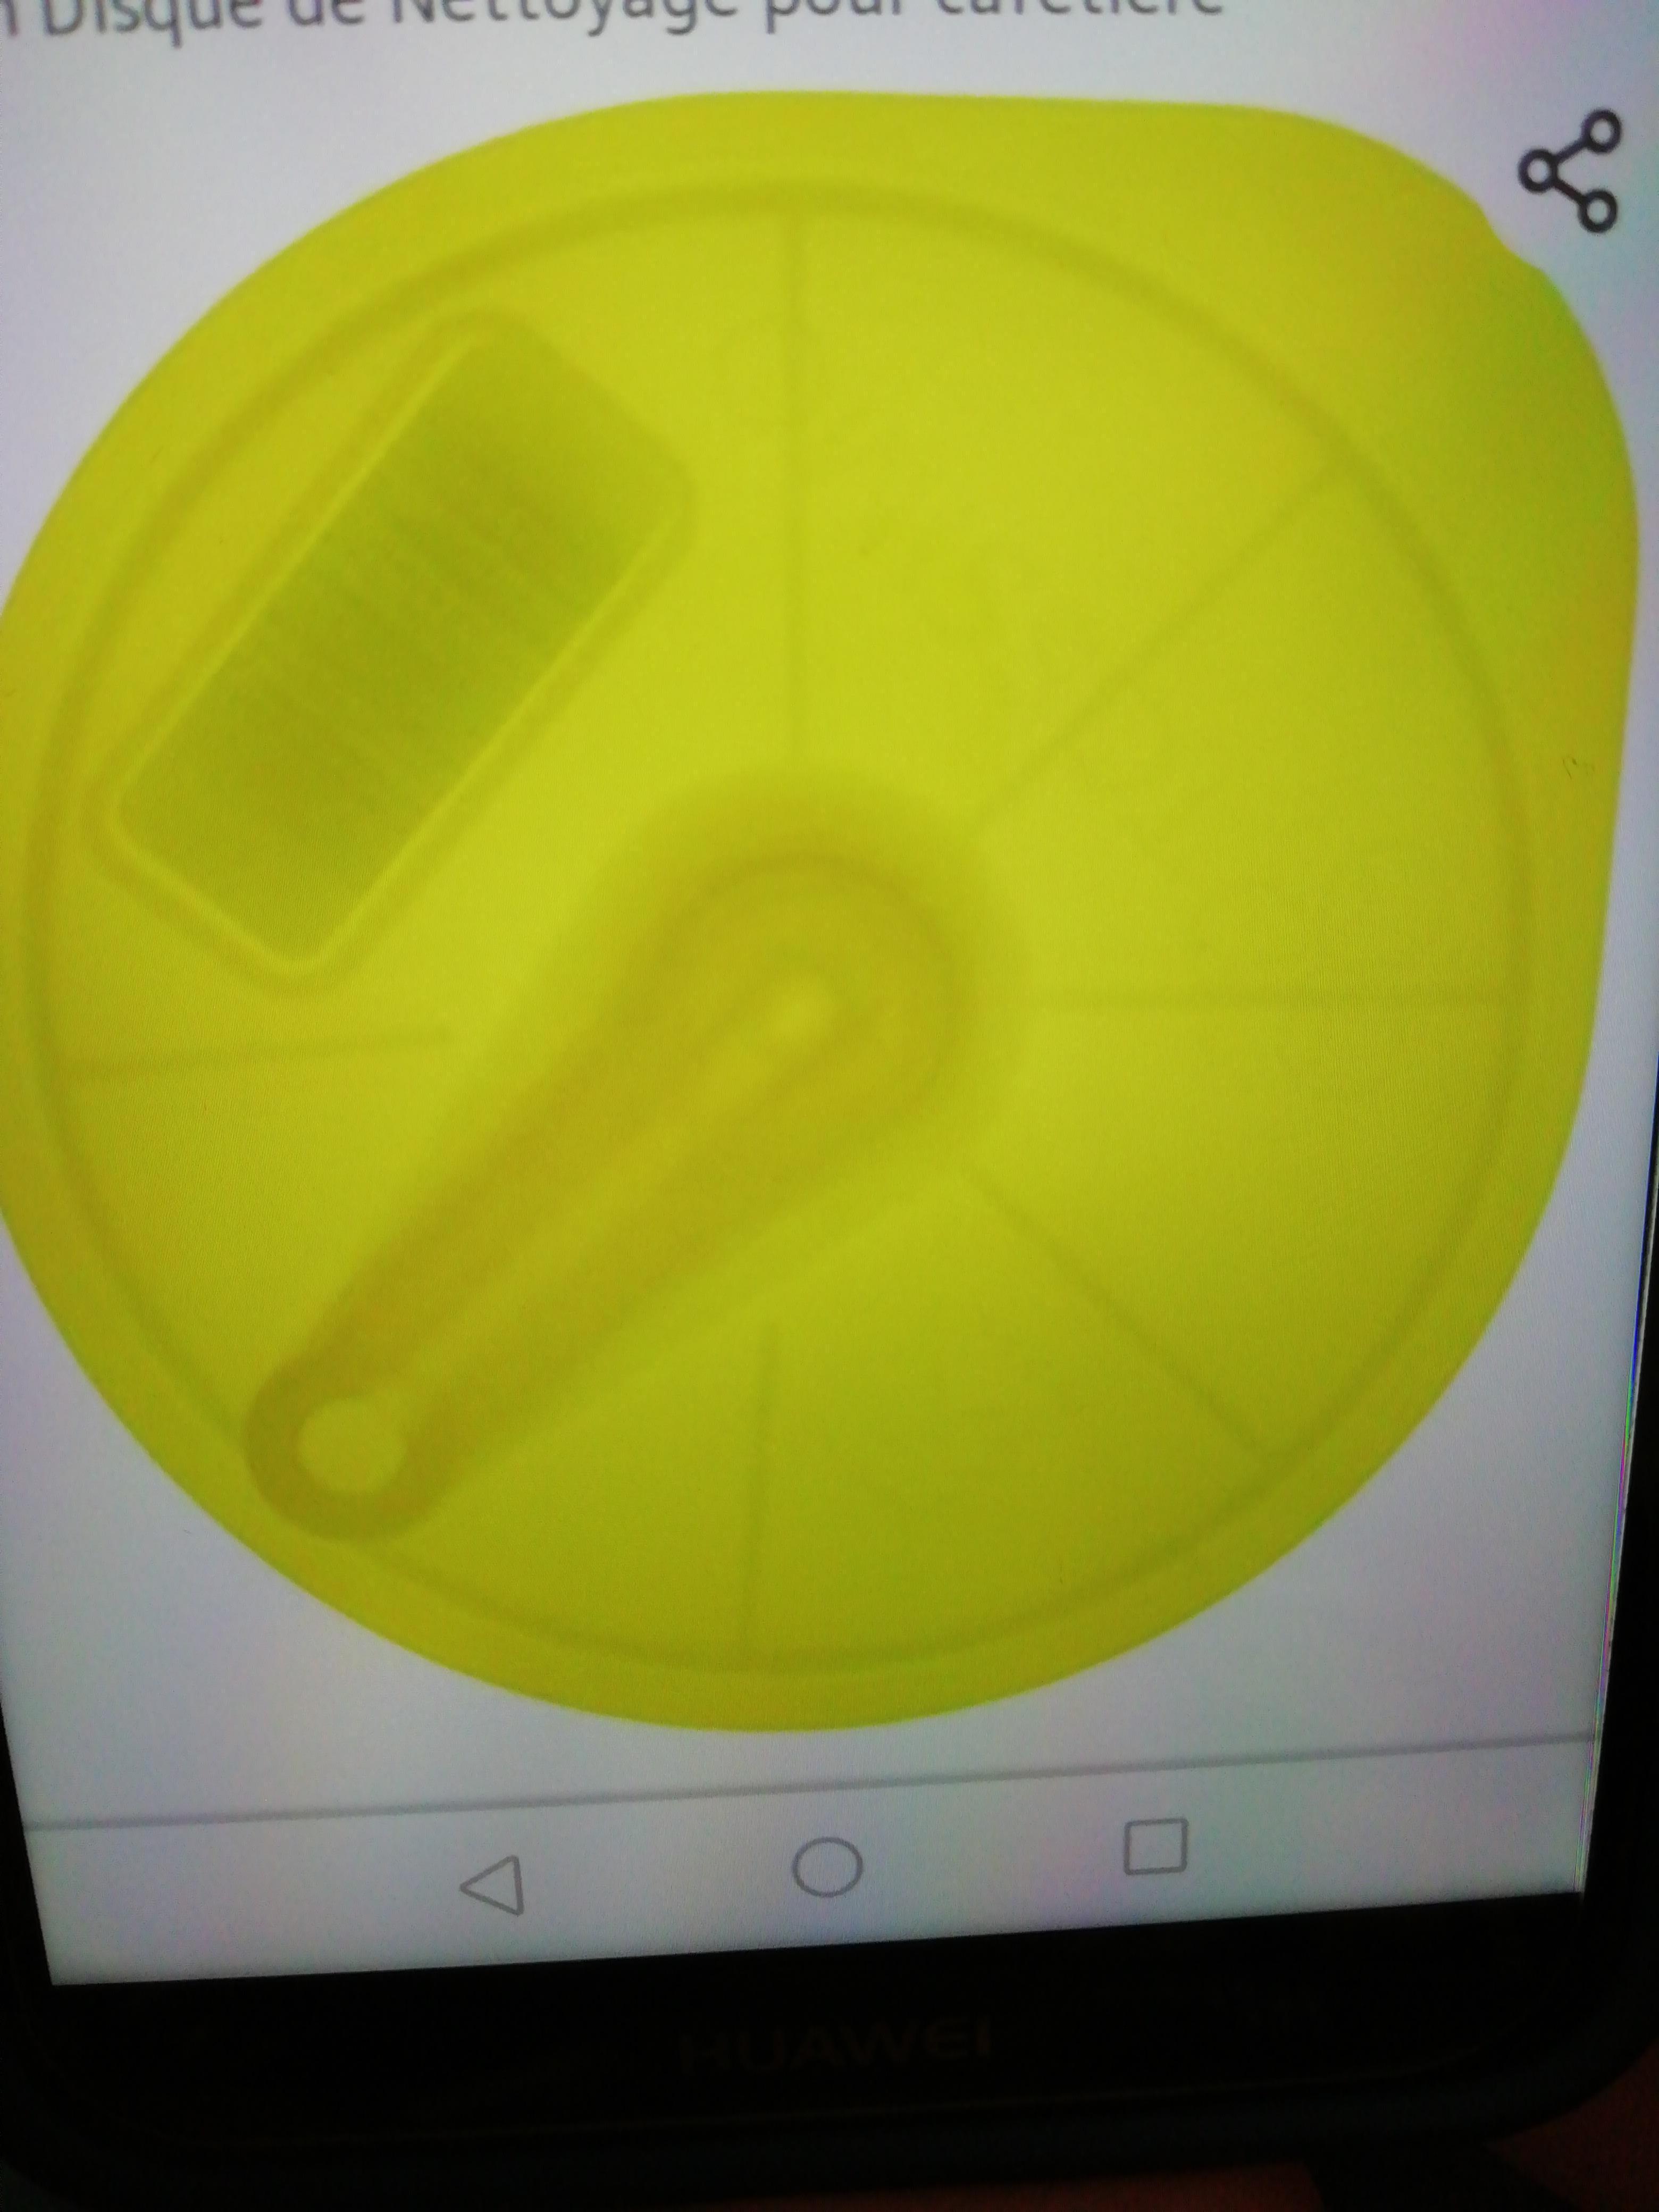 troc de troc recherche dosette jaune détartrage tassimo image 0